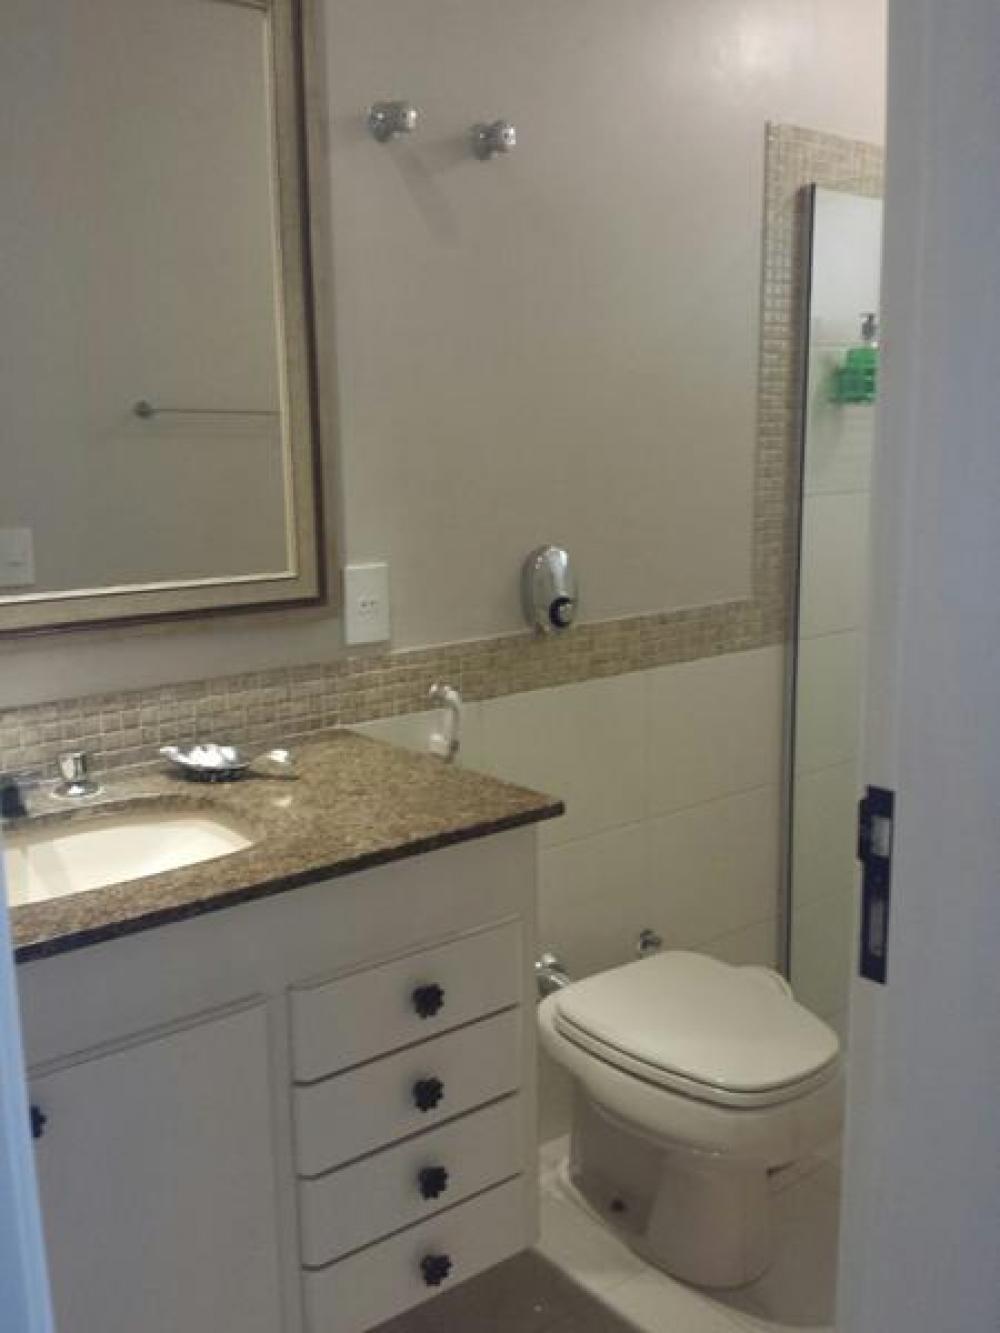 Comprar Apartamento / Padrão em São José do Rio Preto R$ 990.000,00 - Foto 4